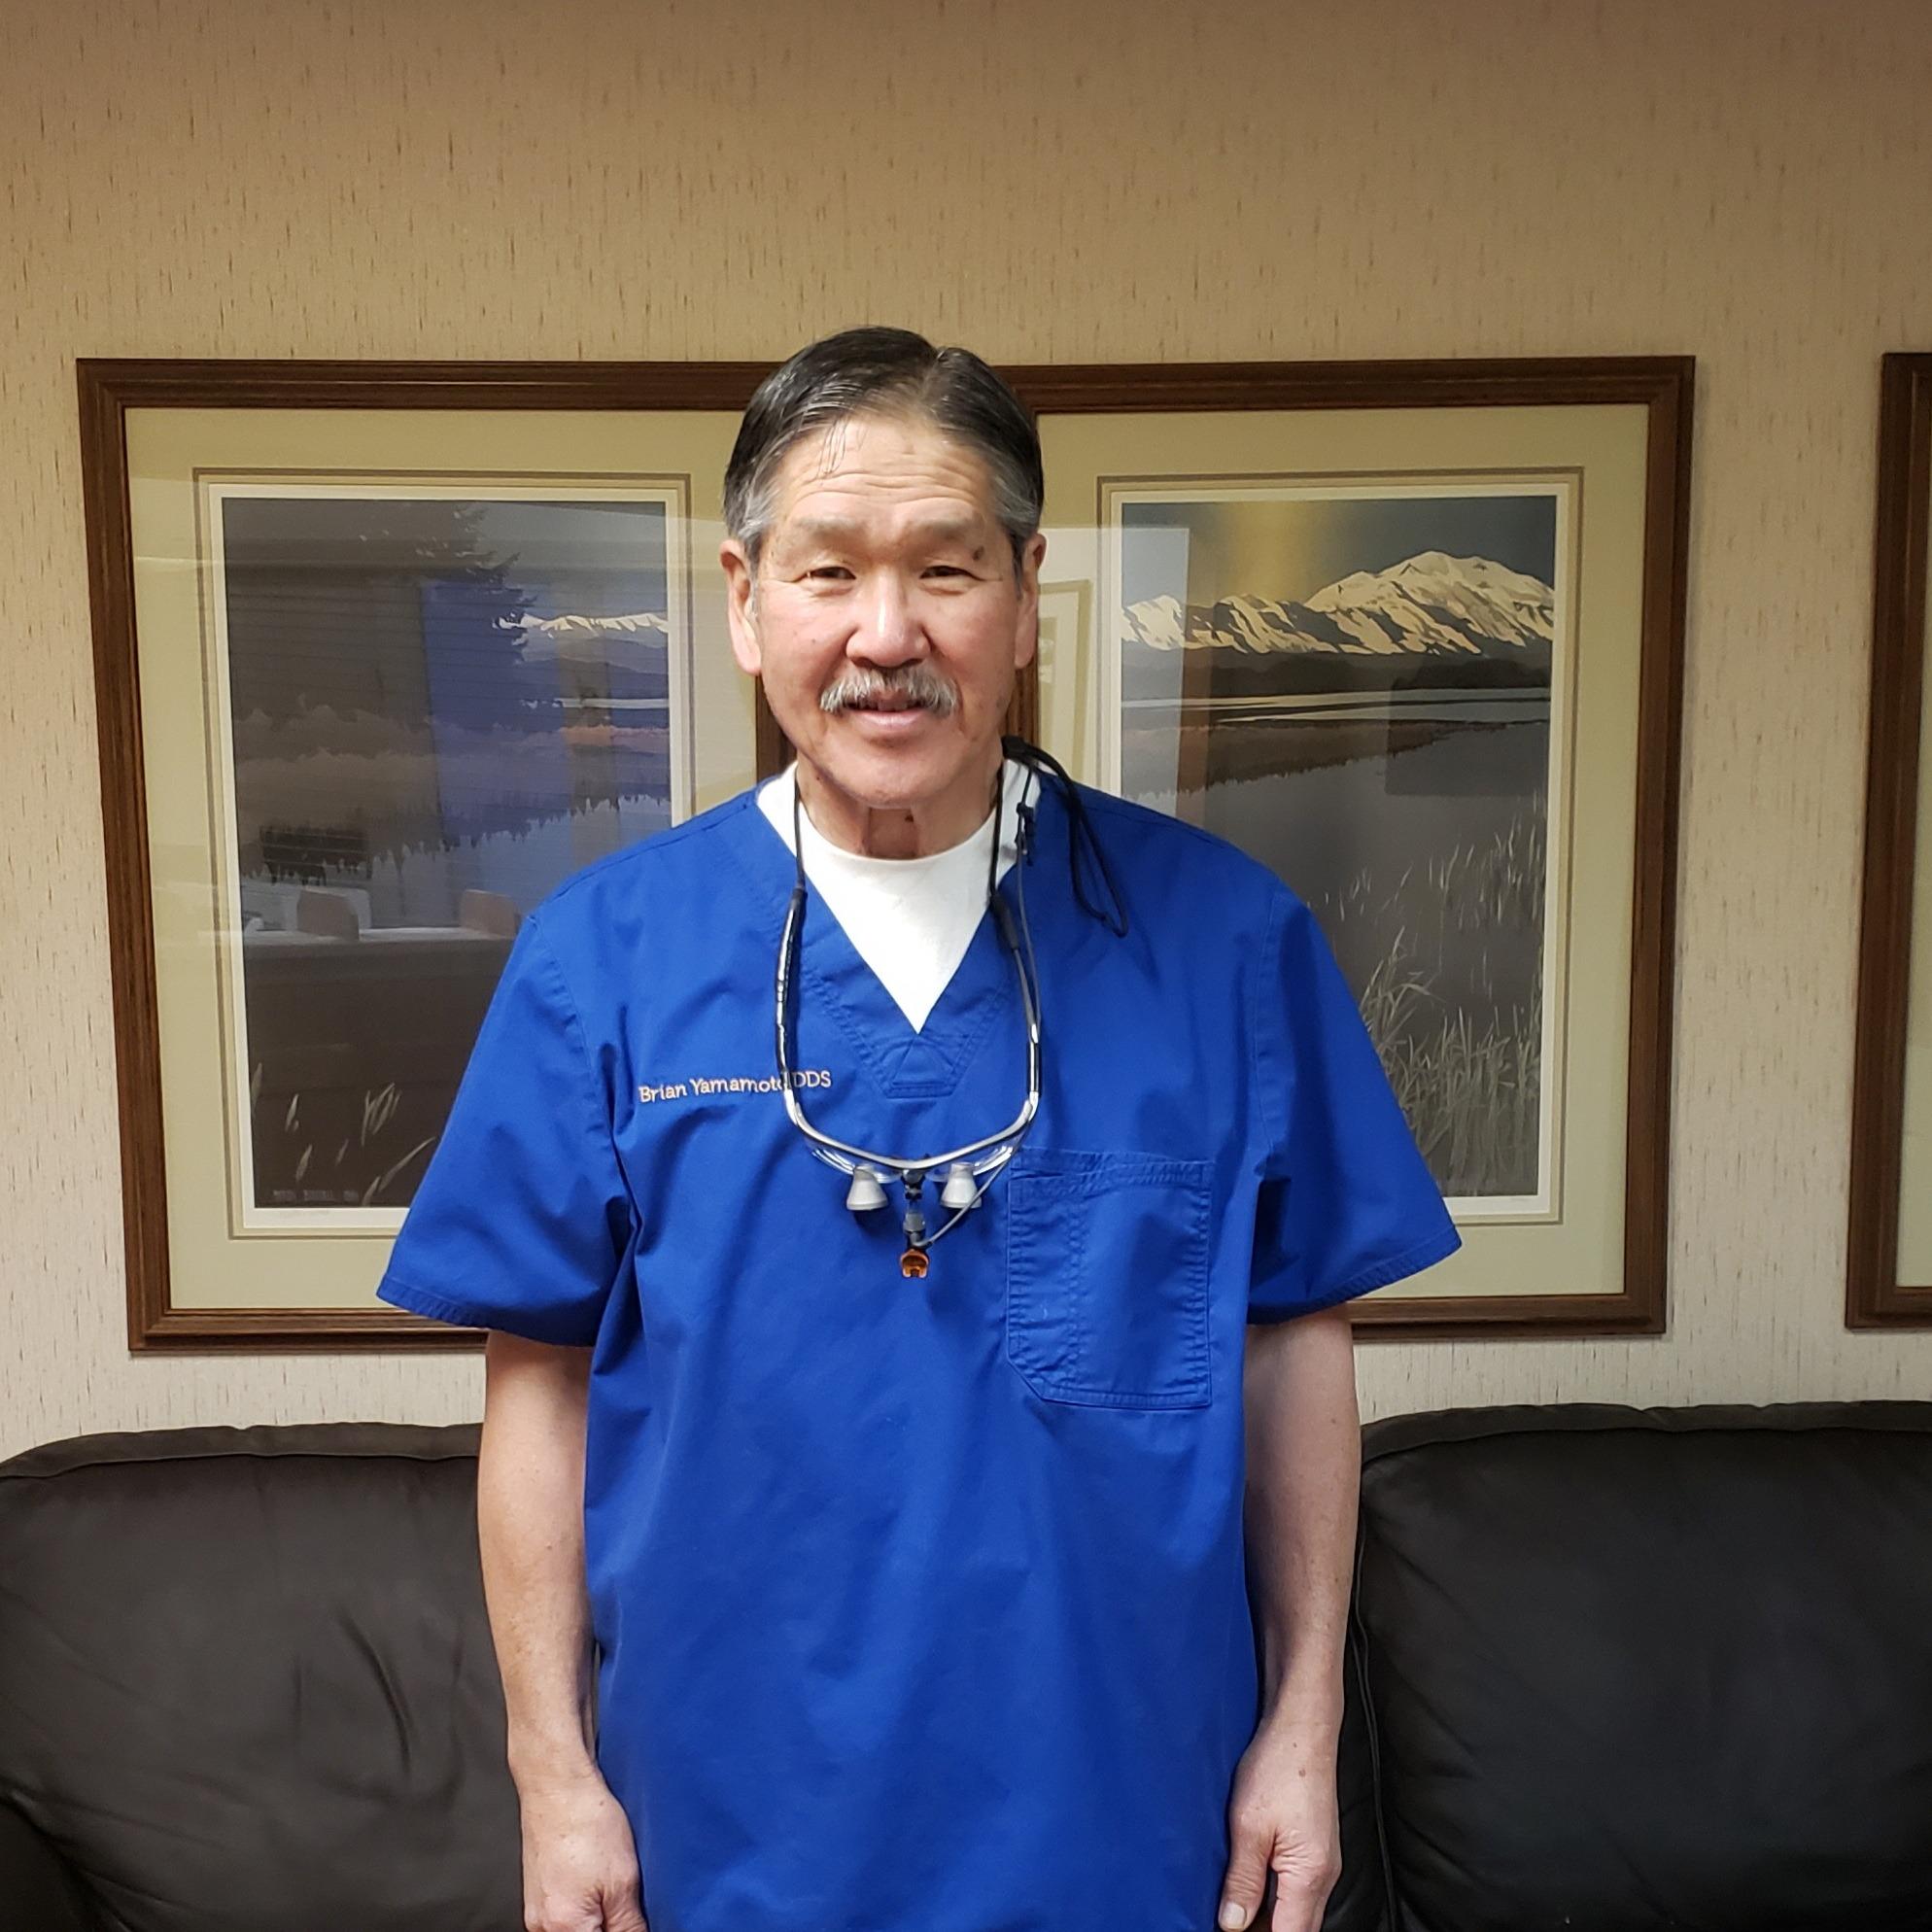 Dr. Brian E Yamamoto